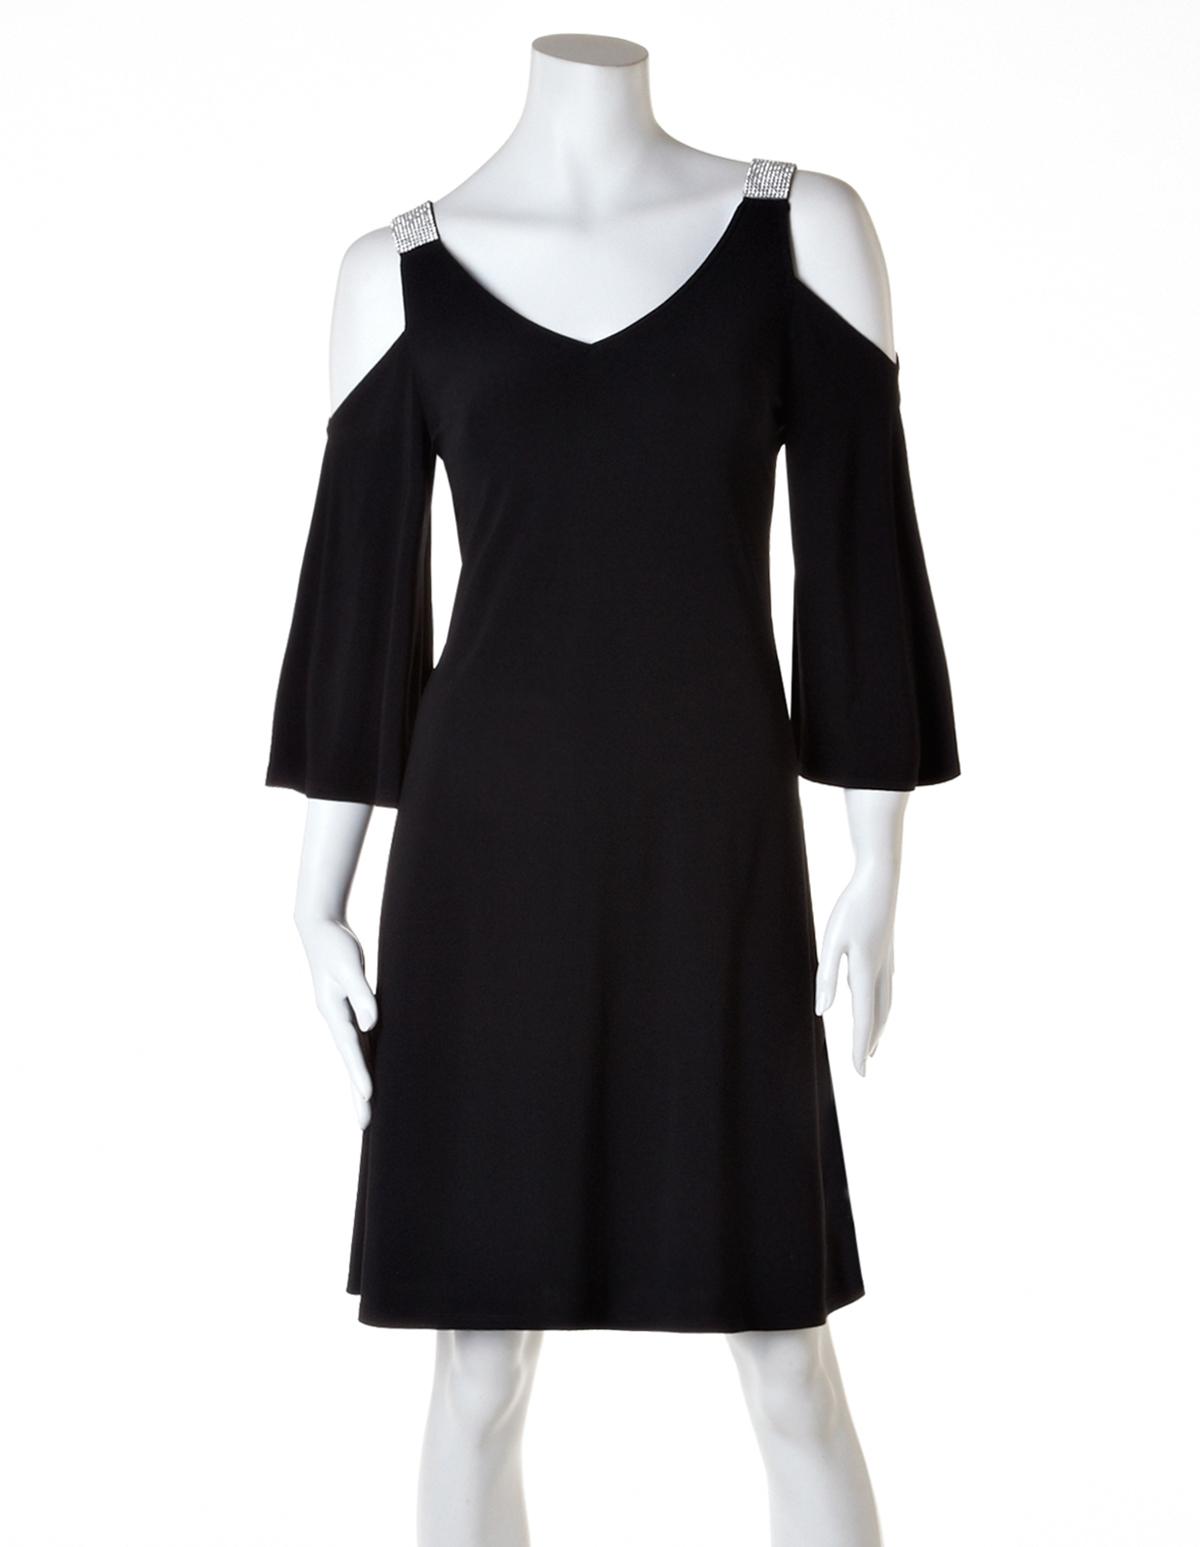 d4ef2105b135c Peak-A-Boo A-Line Dress, Black, hi-res